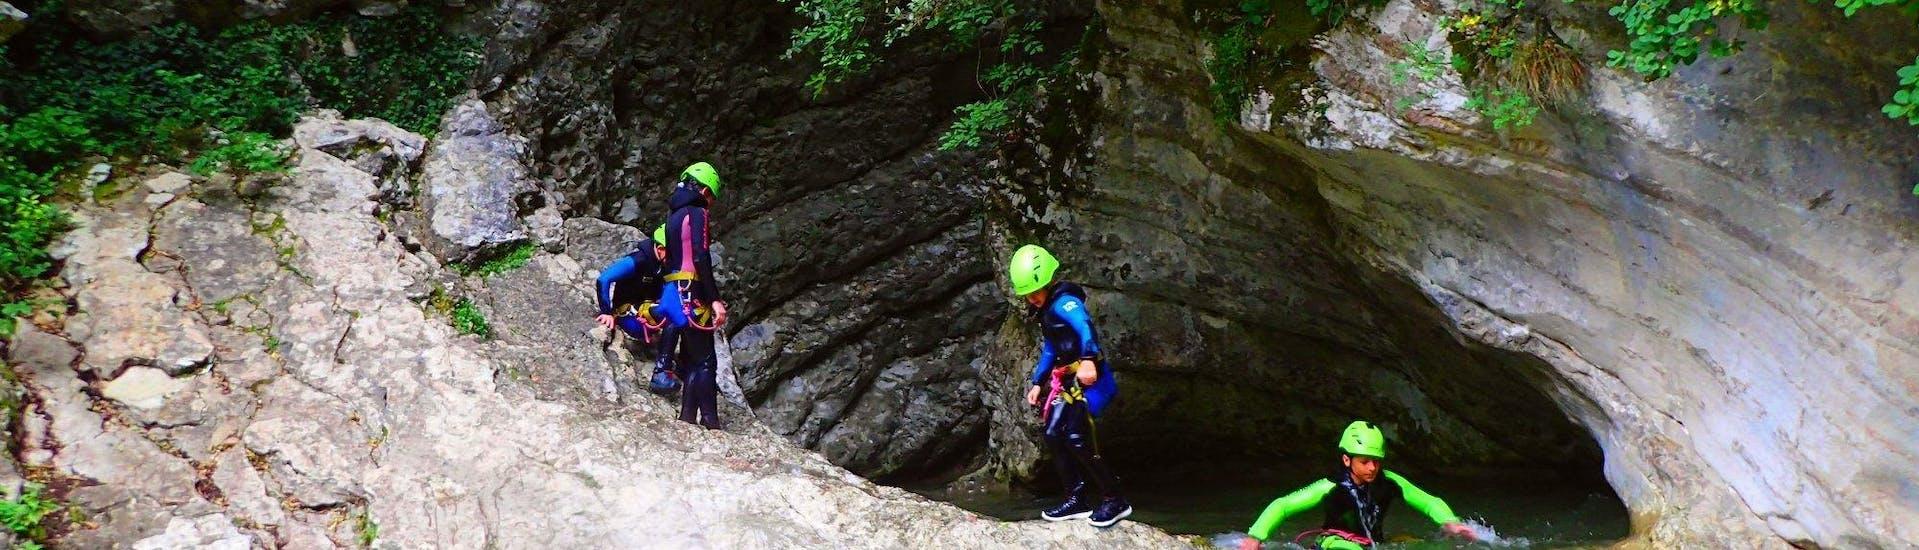 Kinder machen Canyoning im Torrente Vione - Gumpenfever, organisiert von Skyclimber.